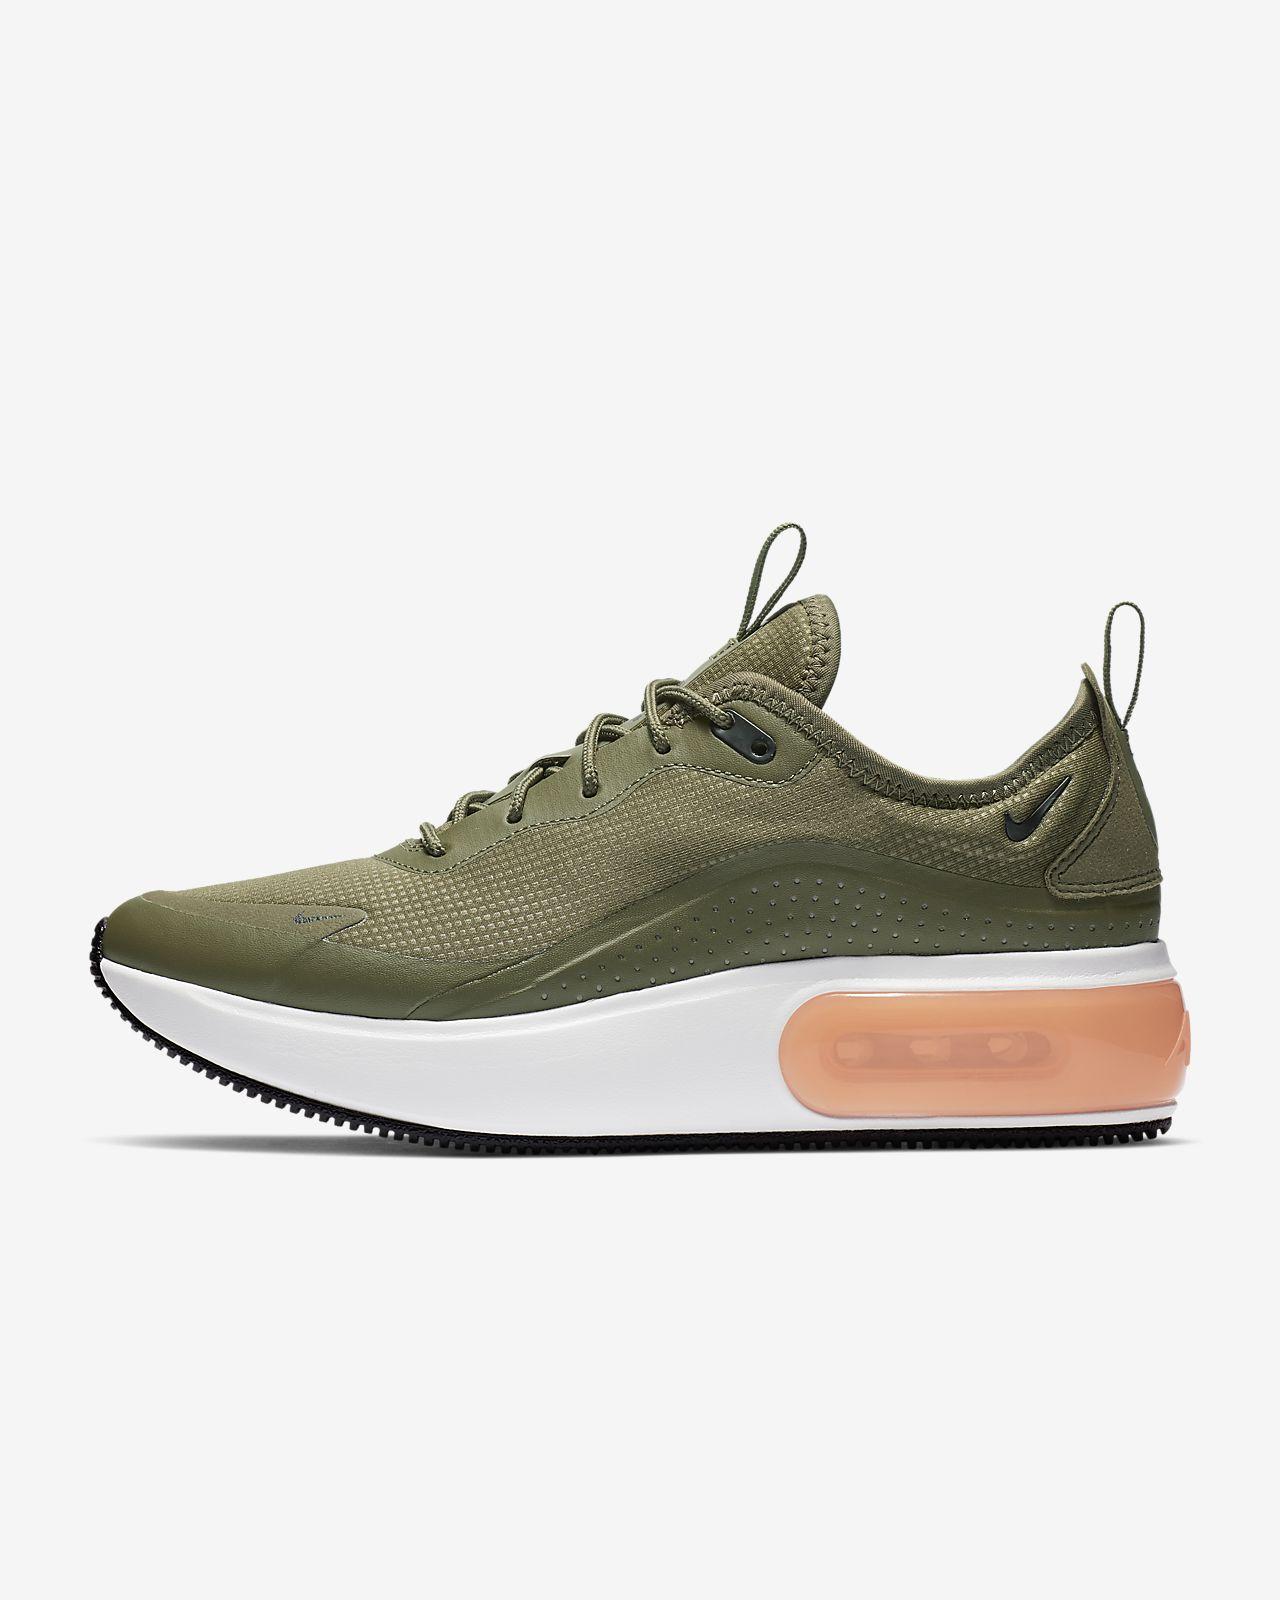 online retailer 1acf5 695f8 Nike Air Max Dia